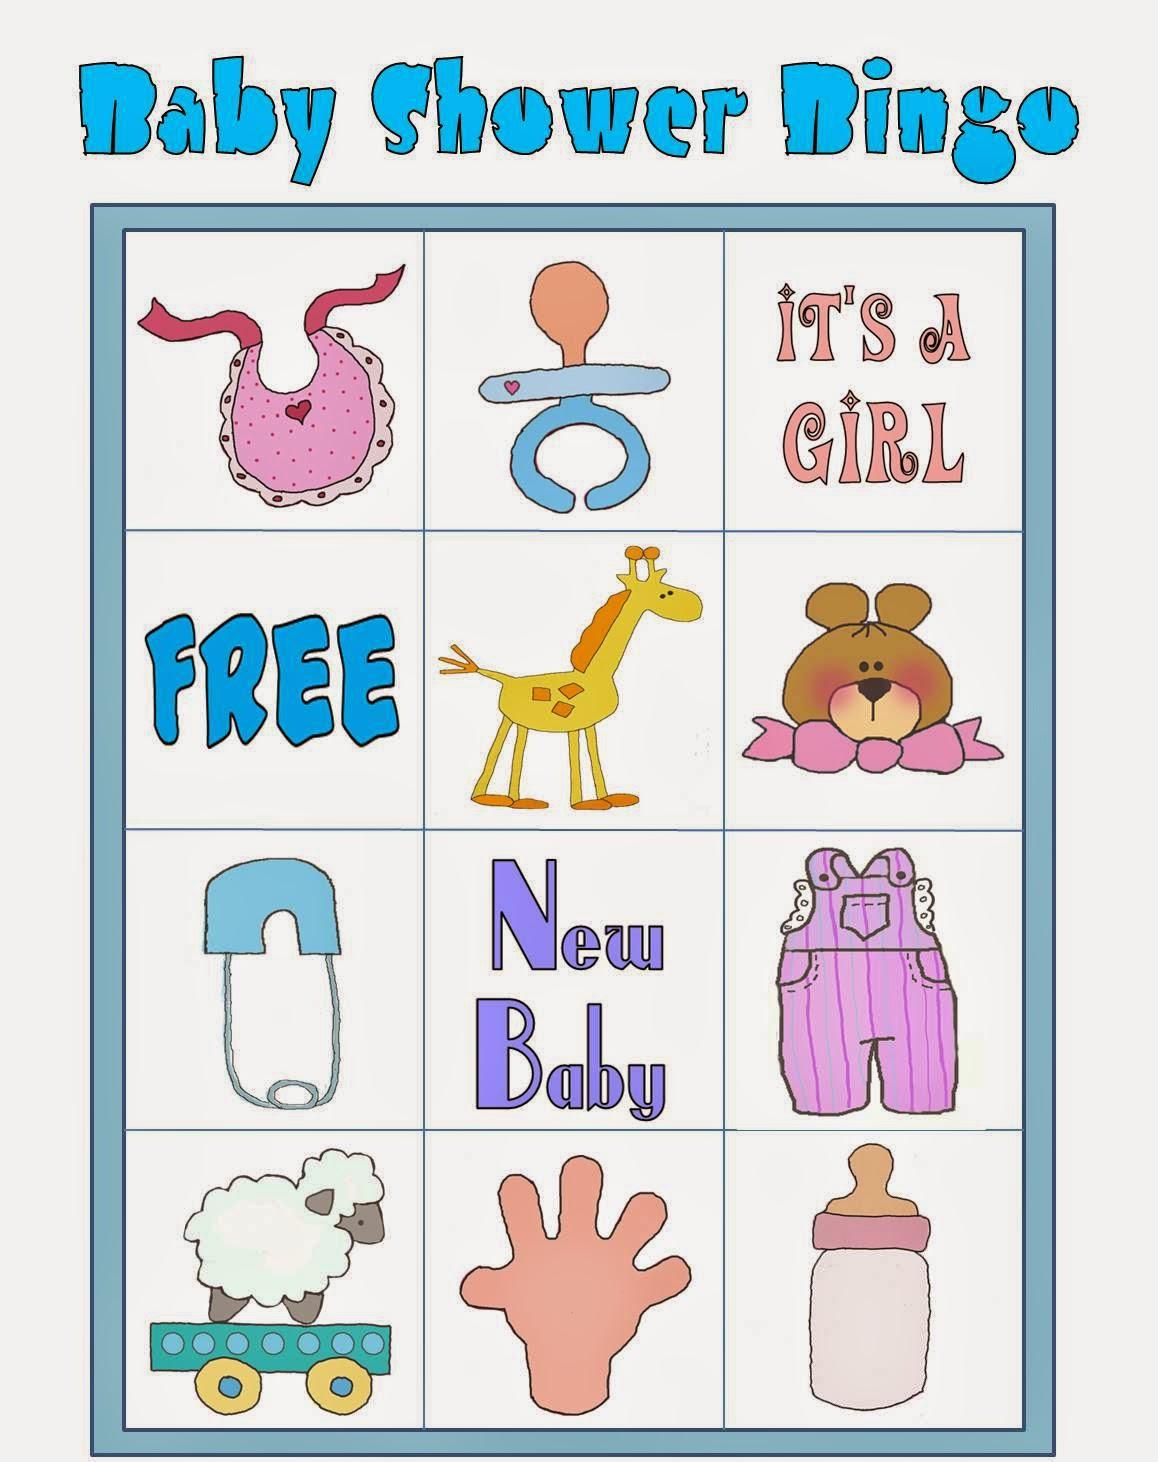 Juegos De Baby Shower Bingo